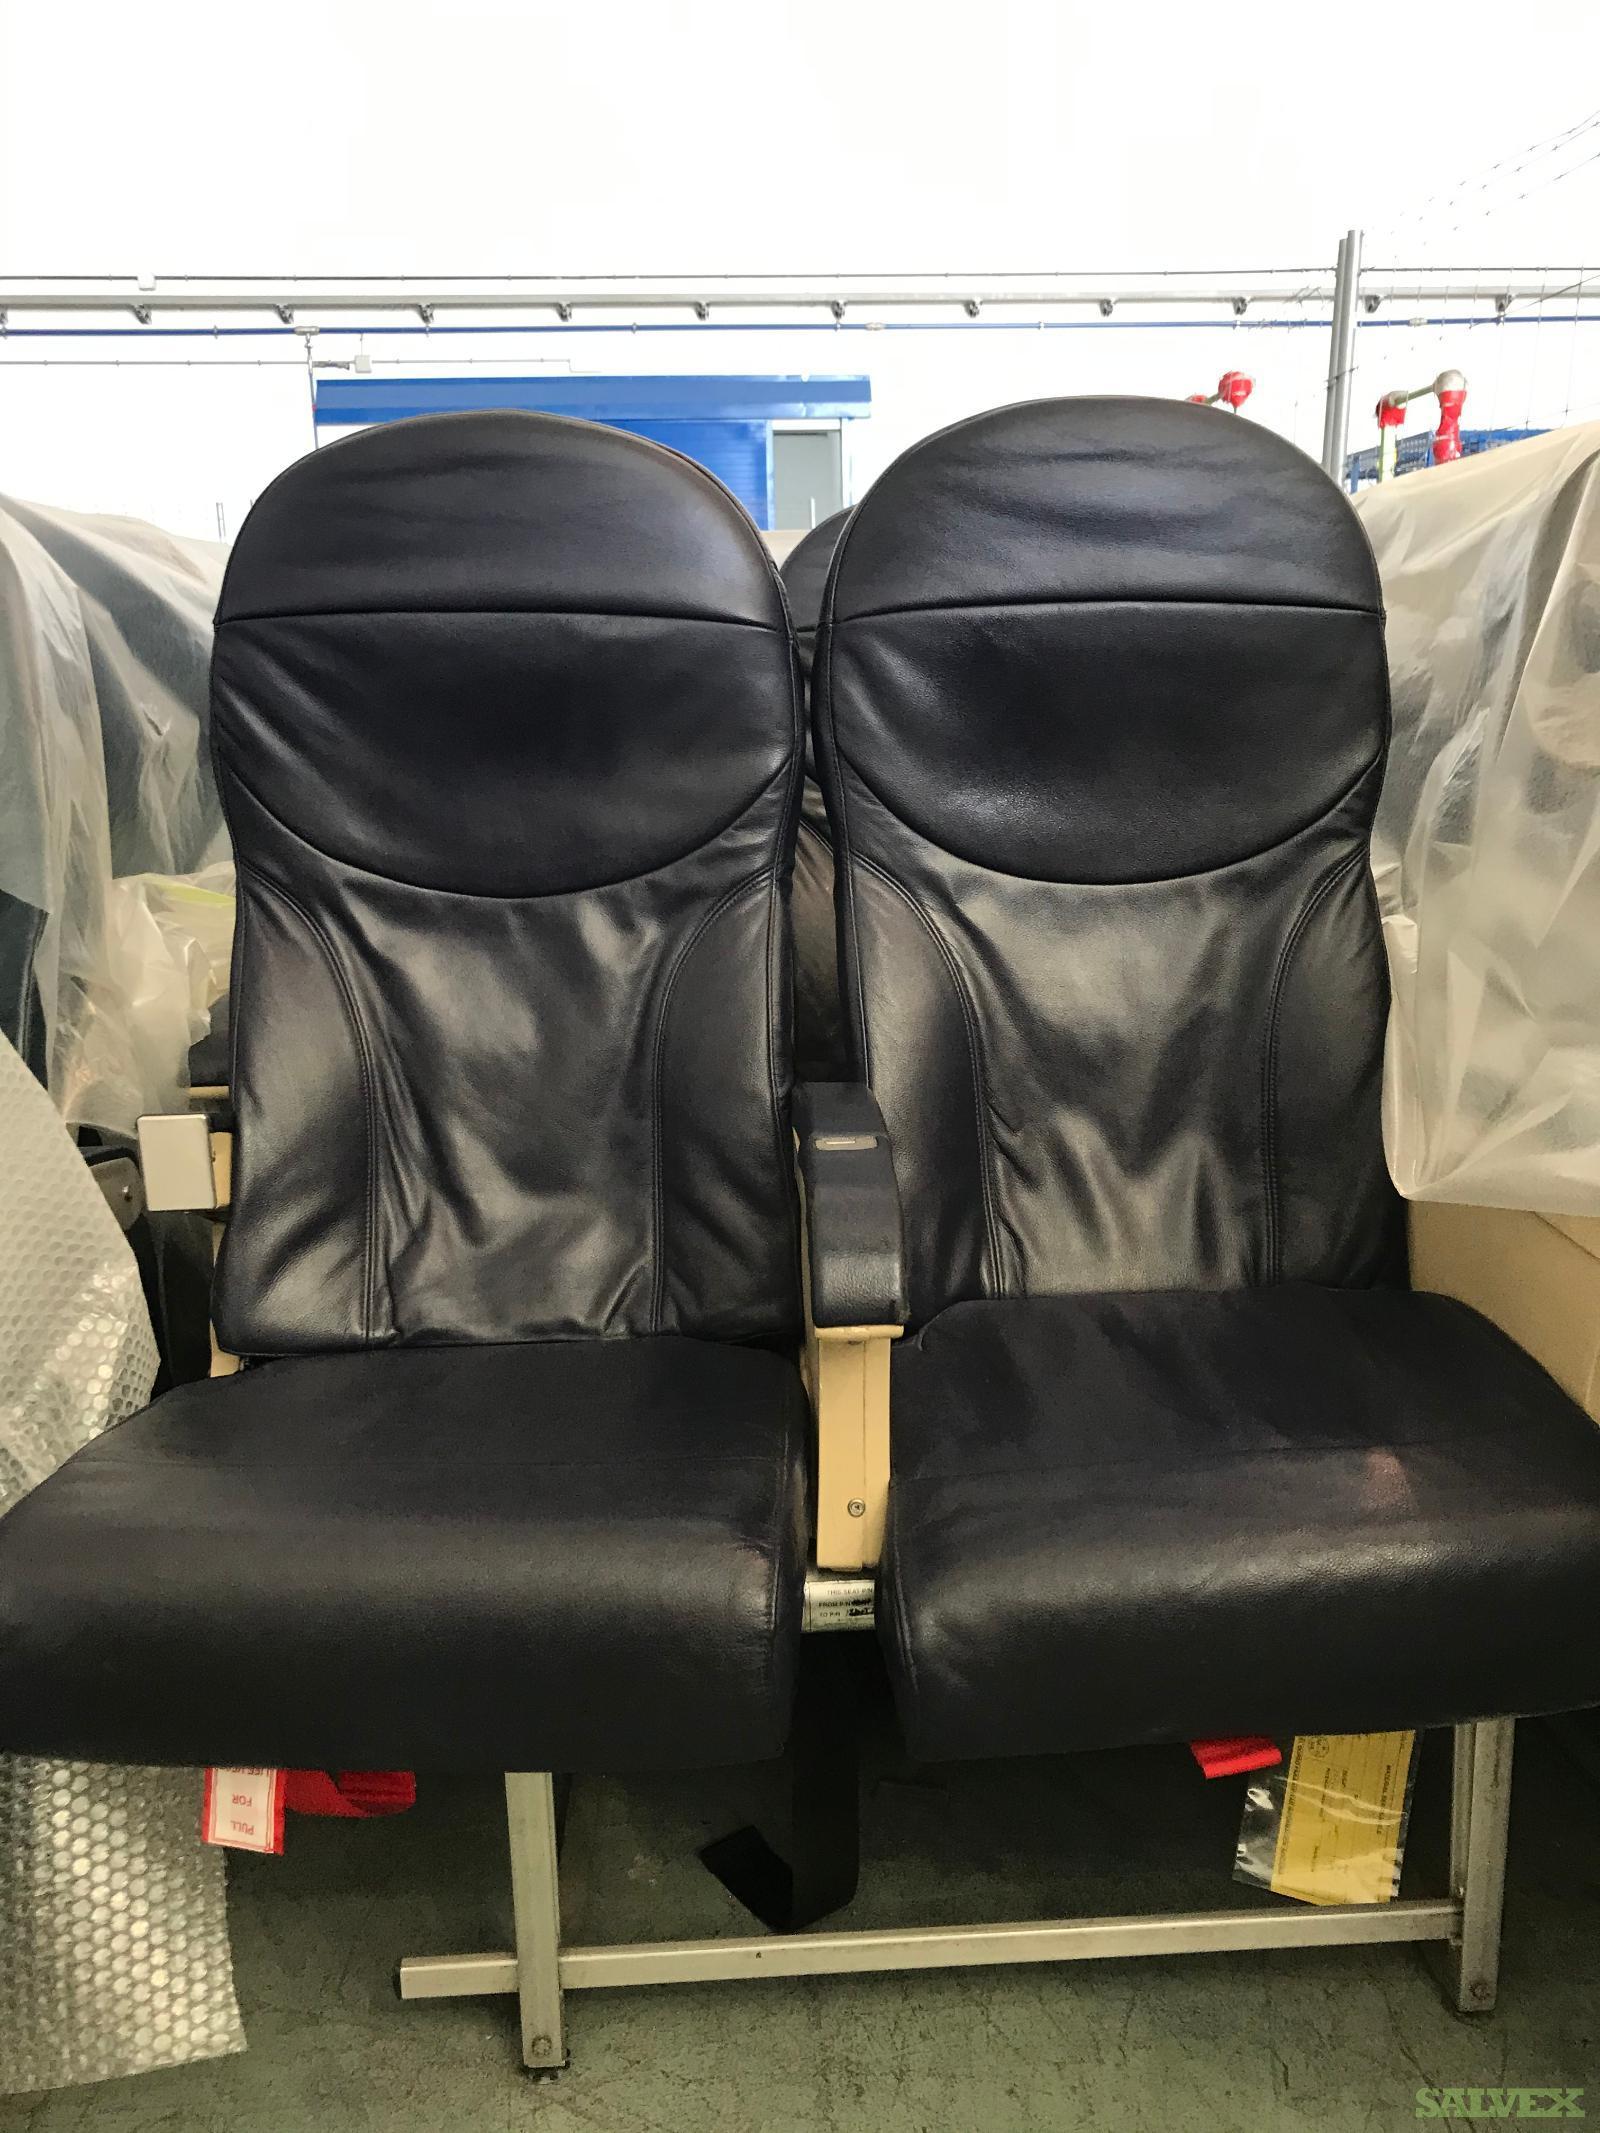 Aircraft Seats (36 Seats)